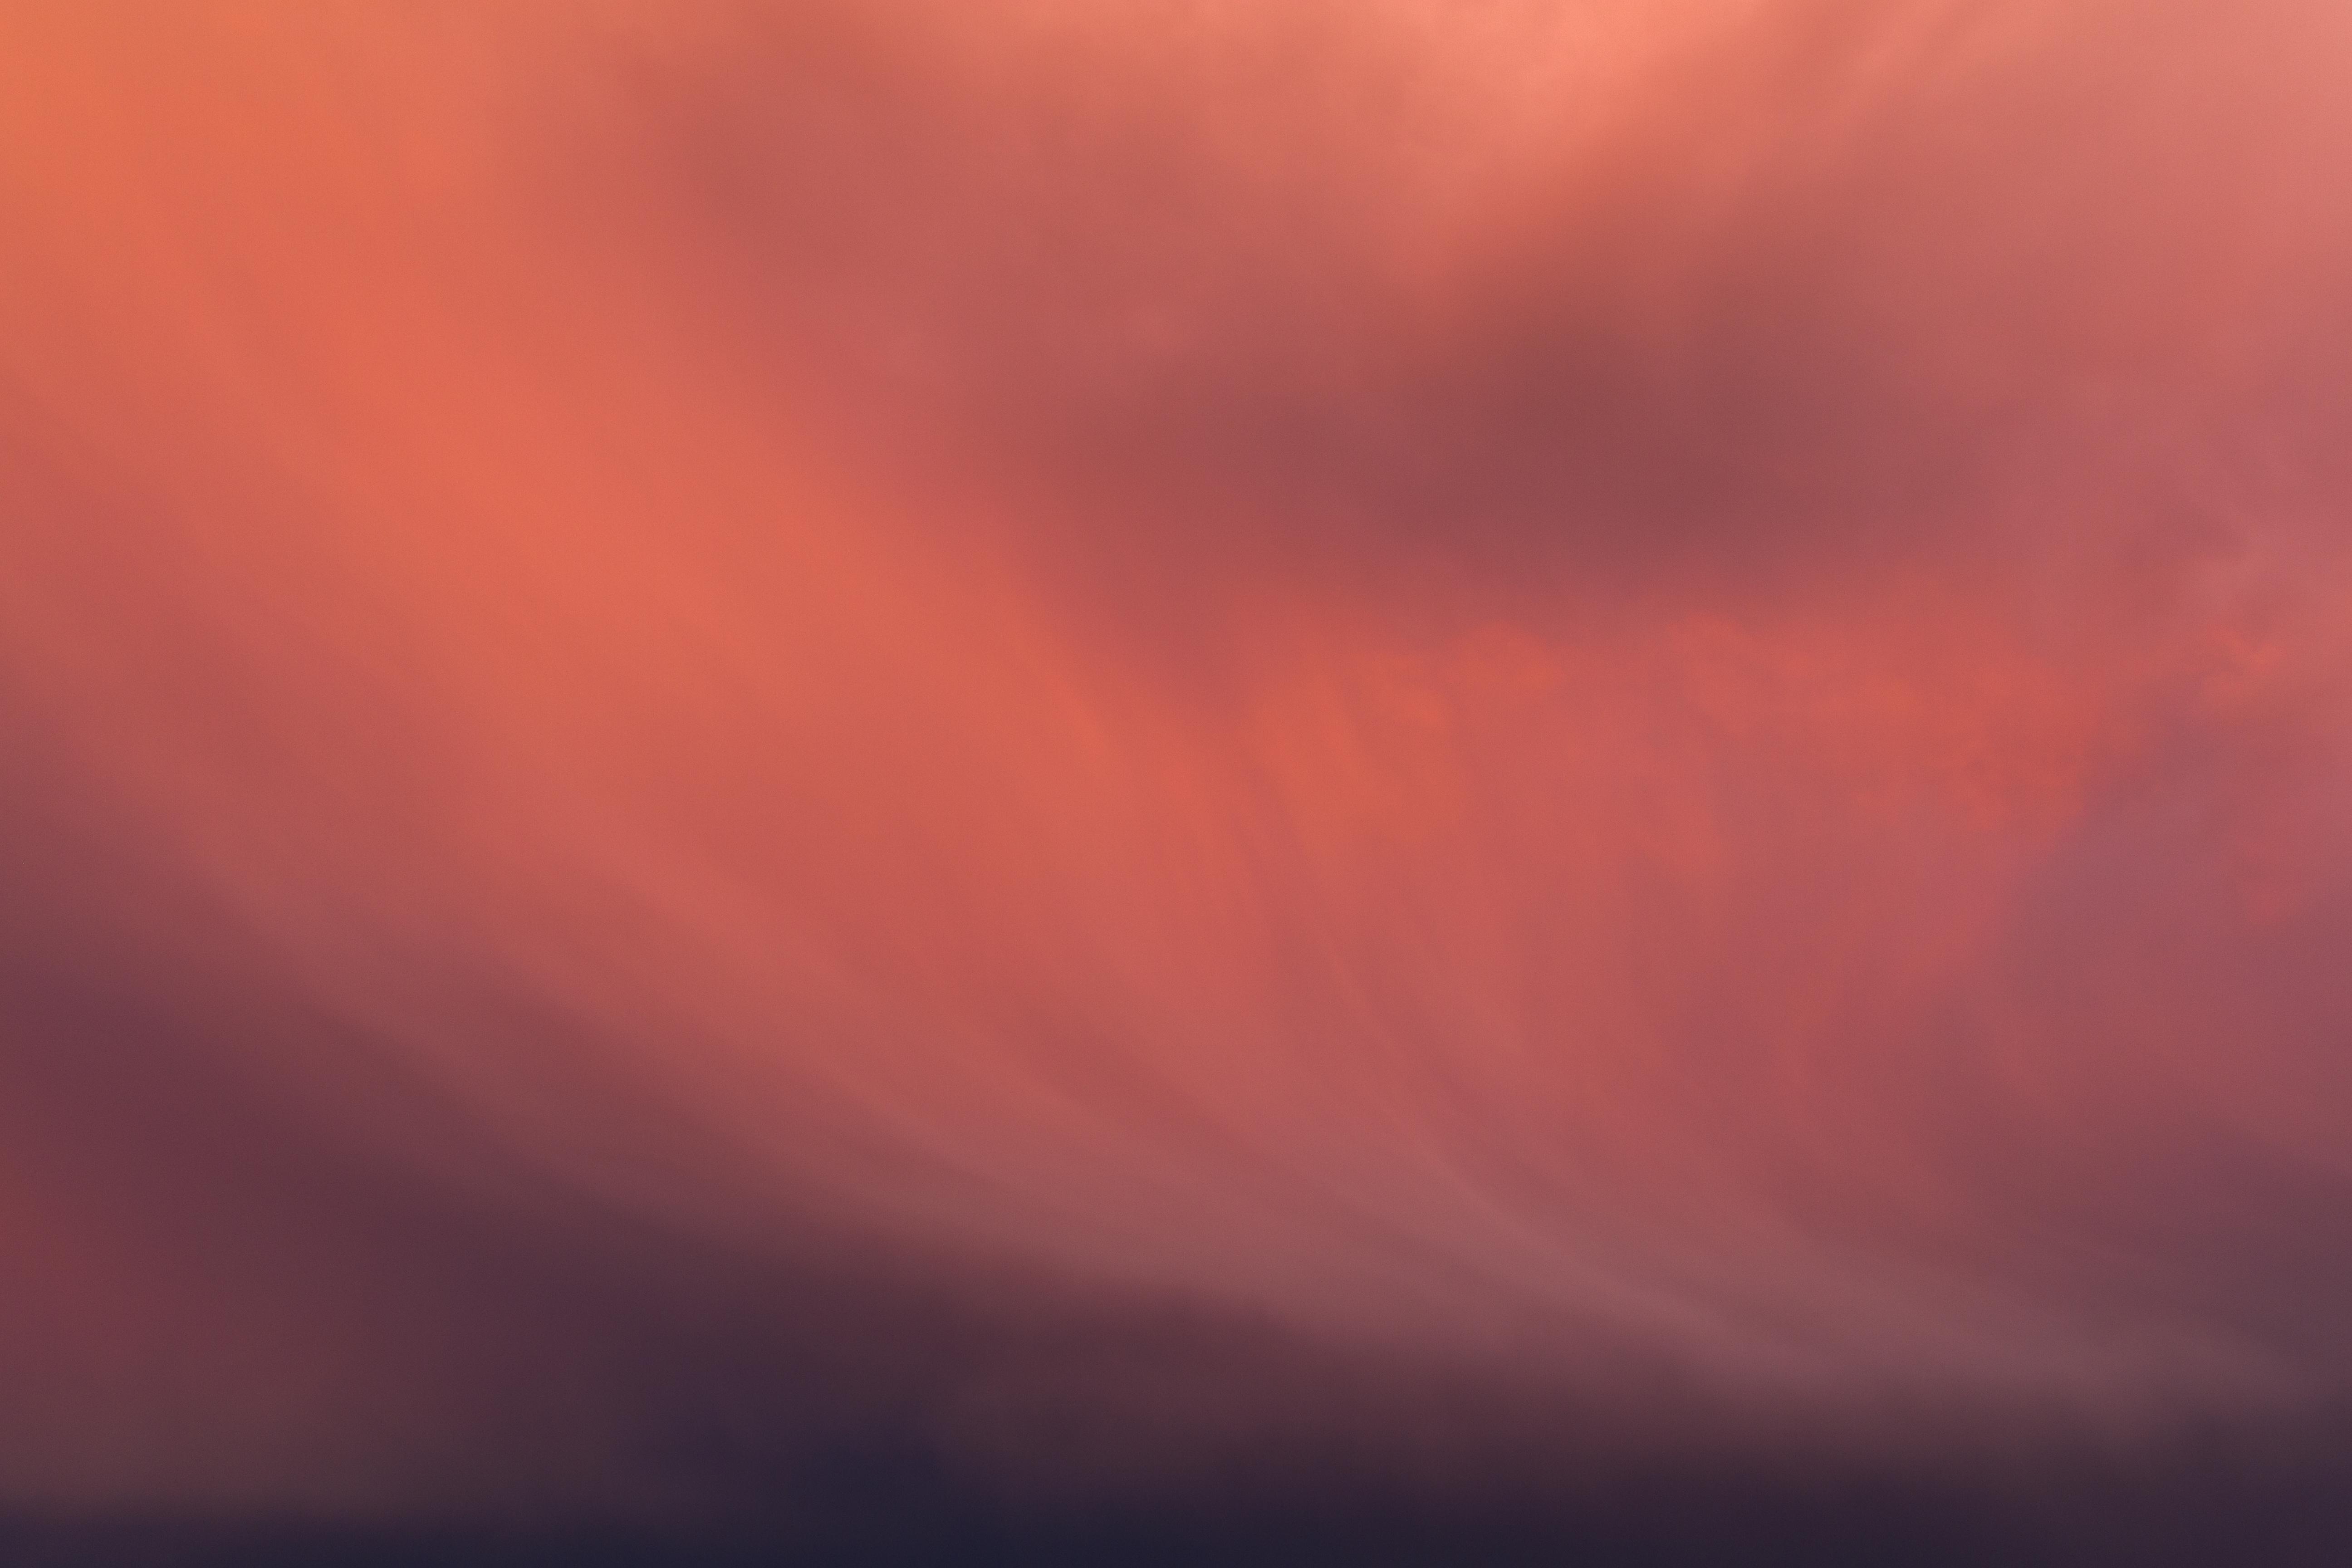 Zendo Storm Colorful Cloud Sunset_012